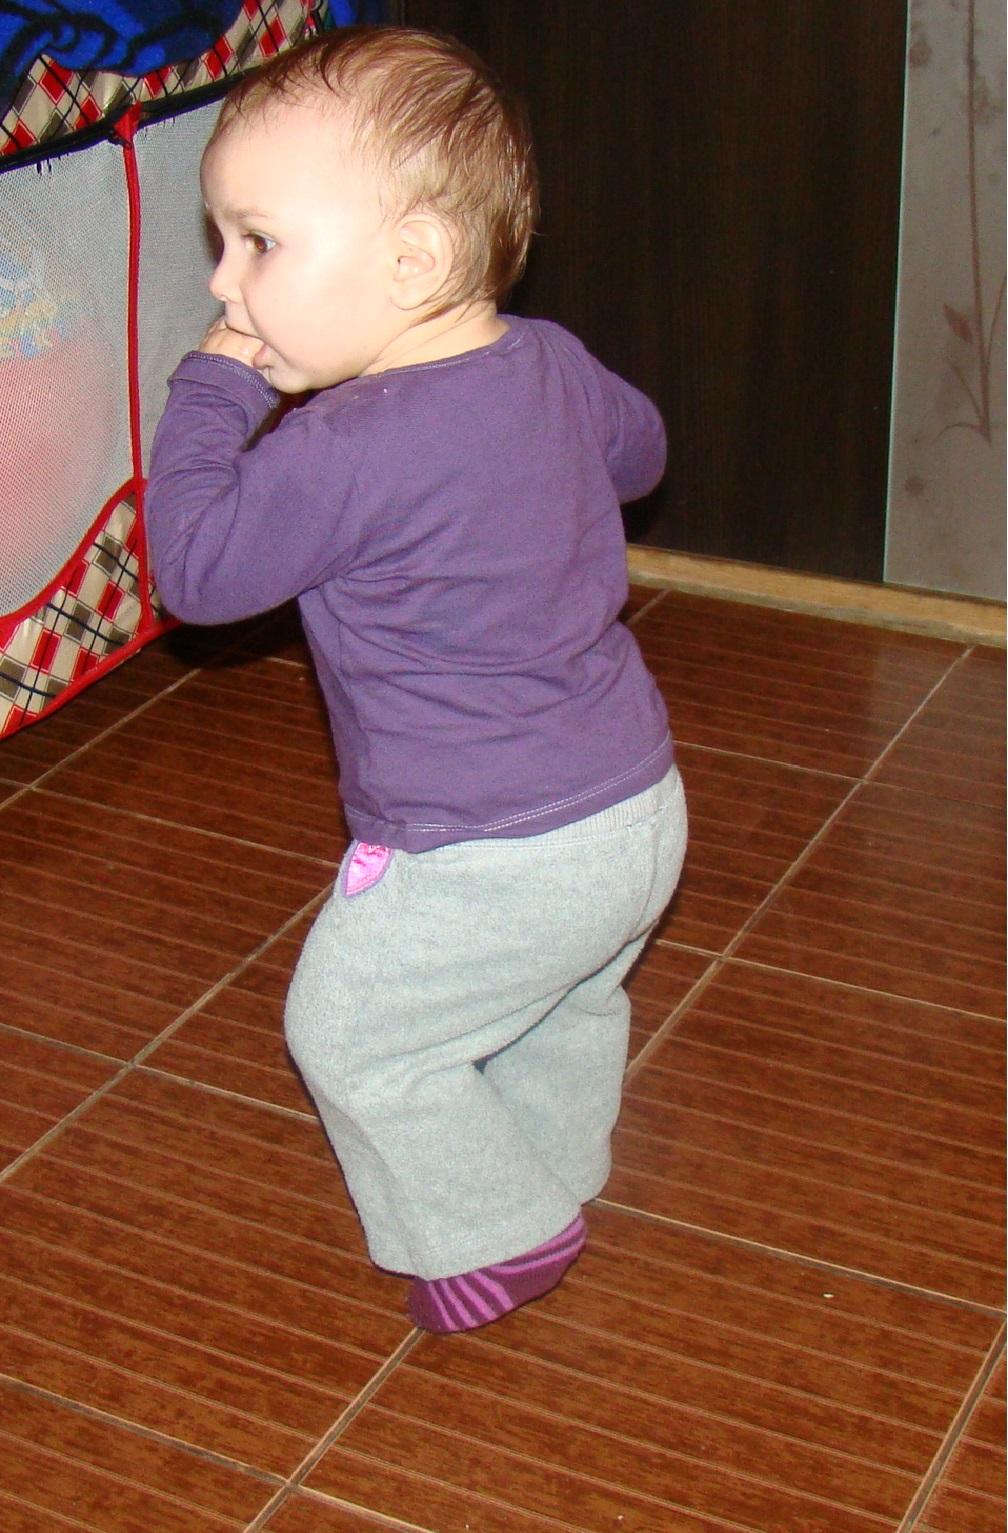 Танец=). Танцуй, пока молодой!